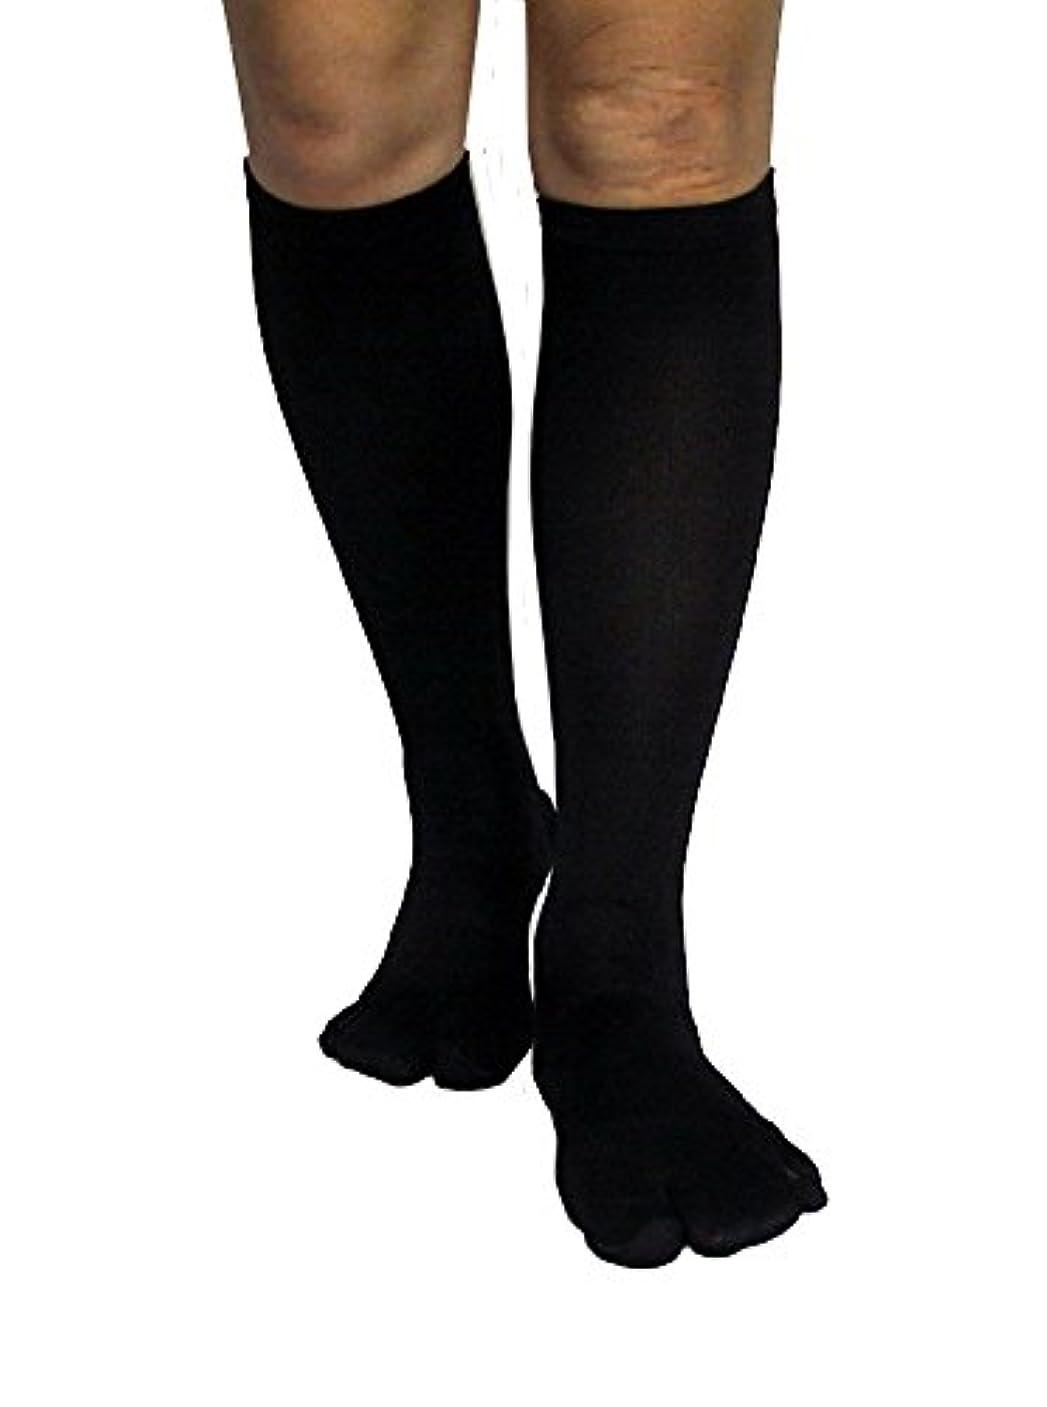 カサハラ式歩行矯正ロングテーピング靴下(3本指タイプ)「黒24-26」